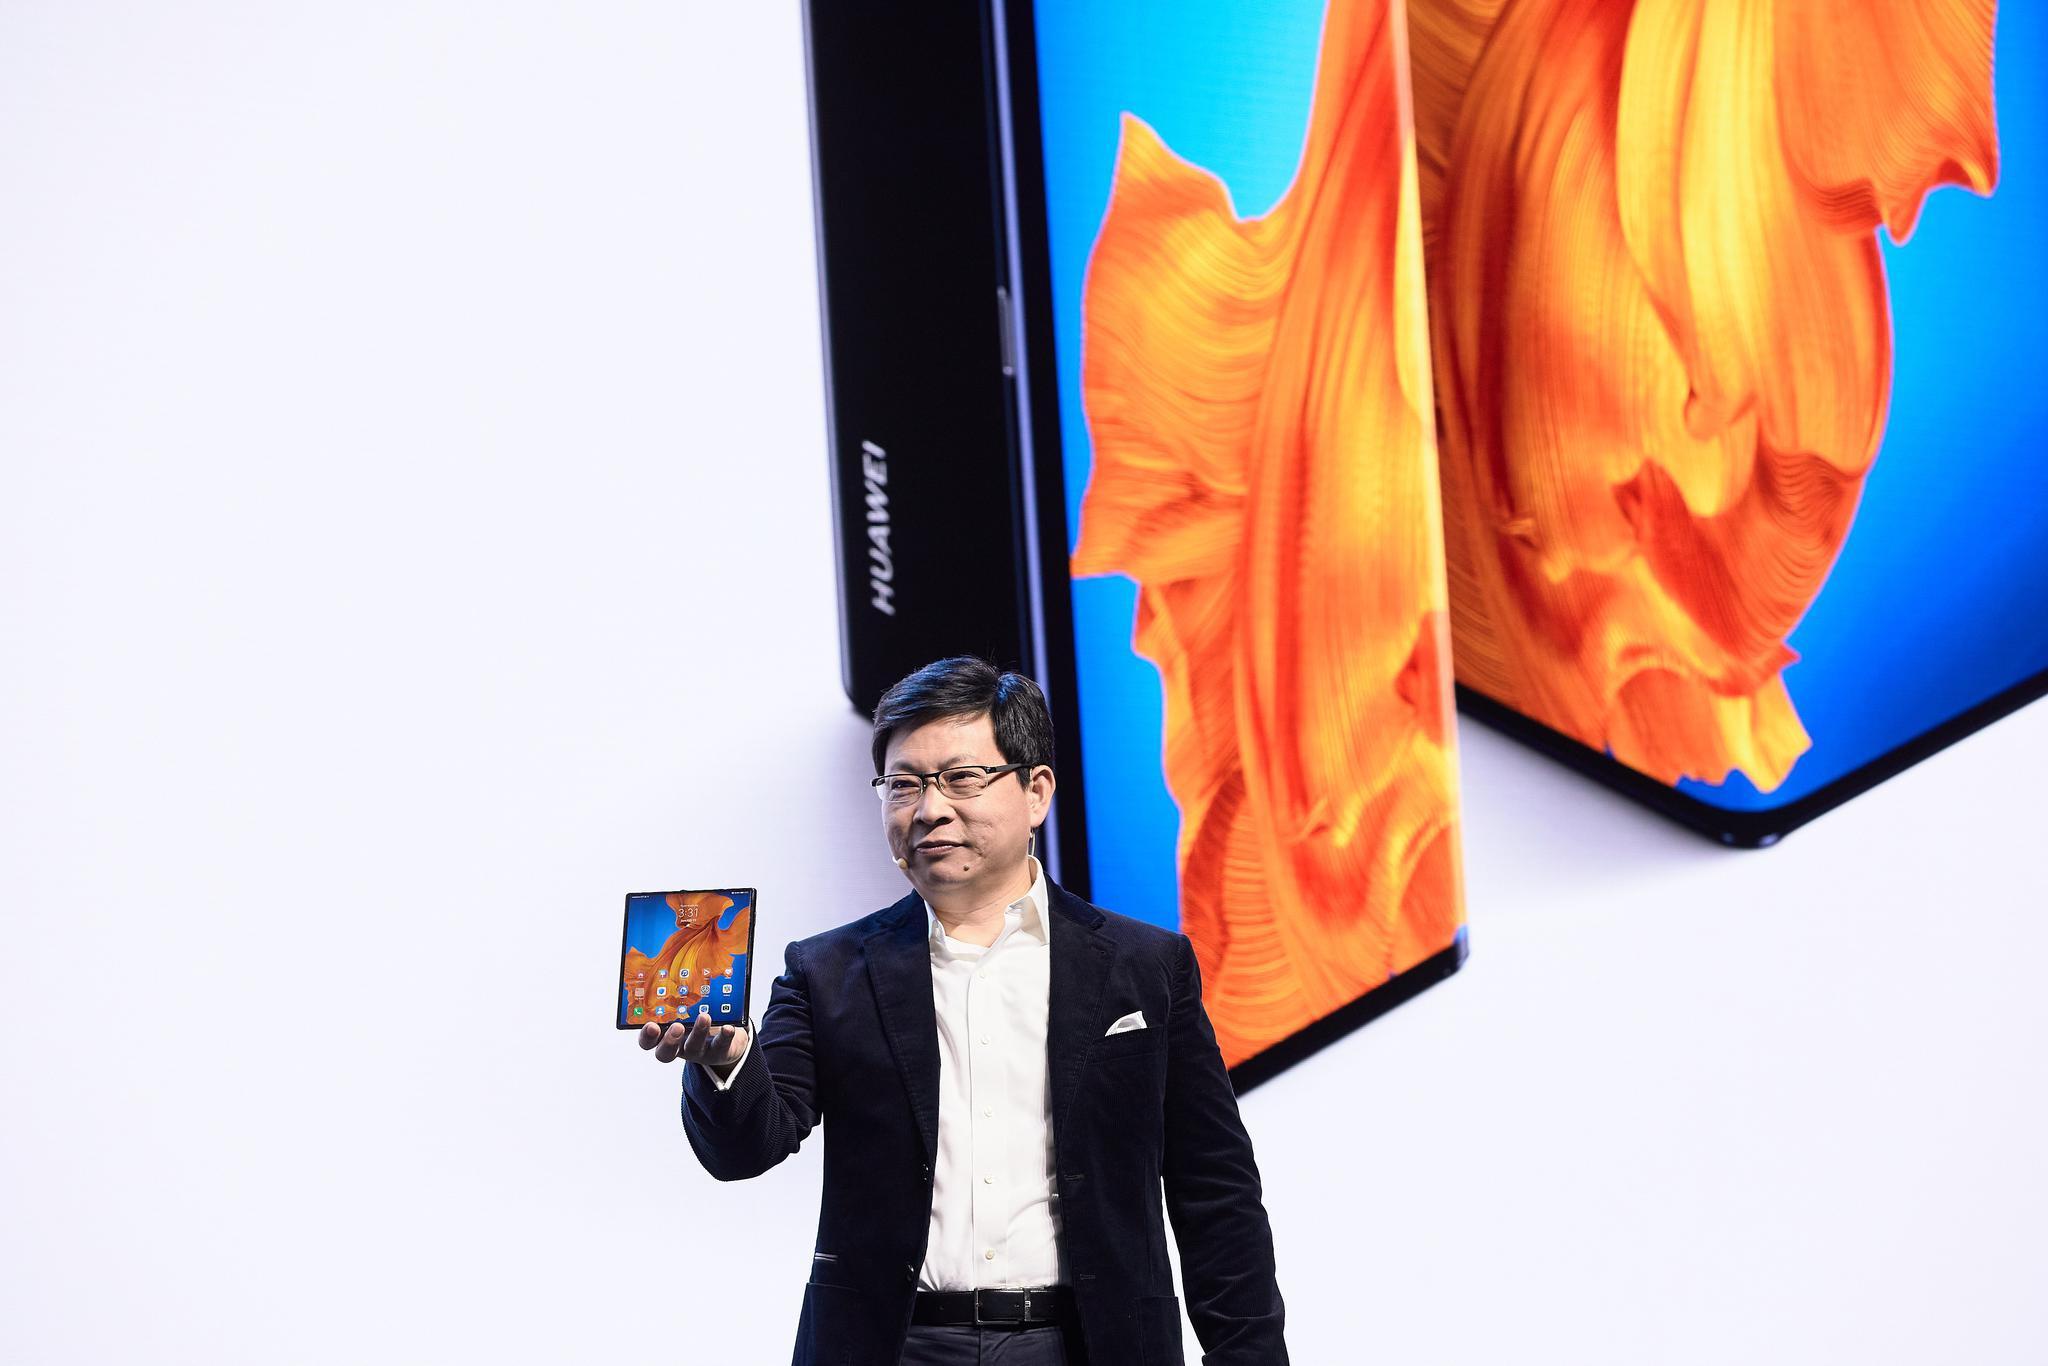 华为新款折叠屏手机明天开售 预约量已过百万图片